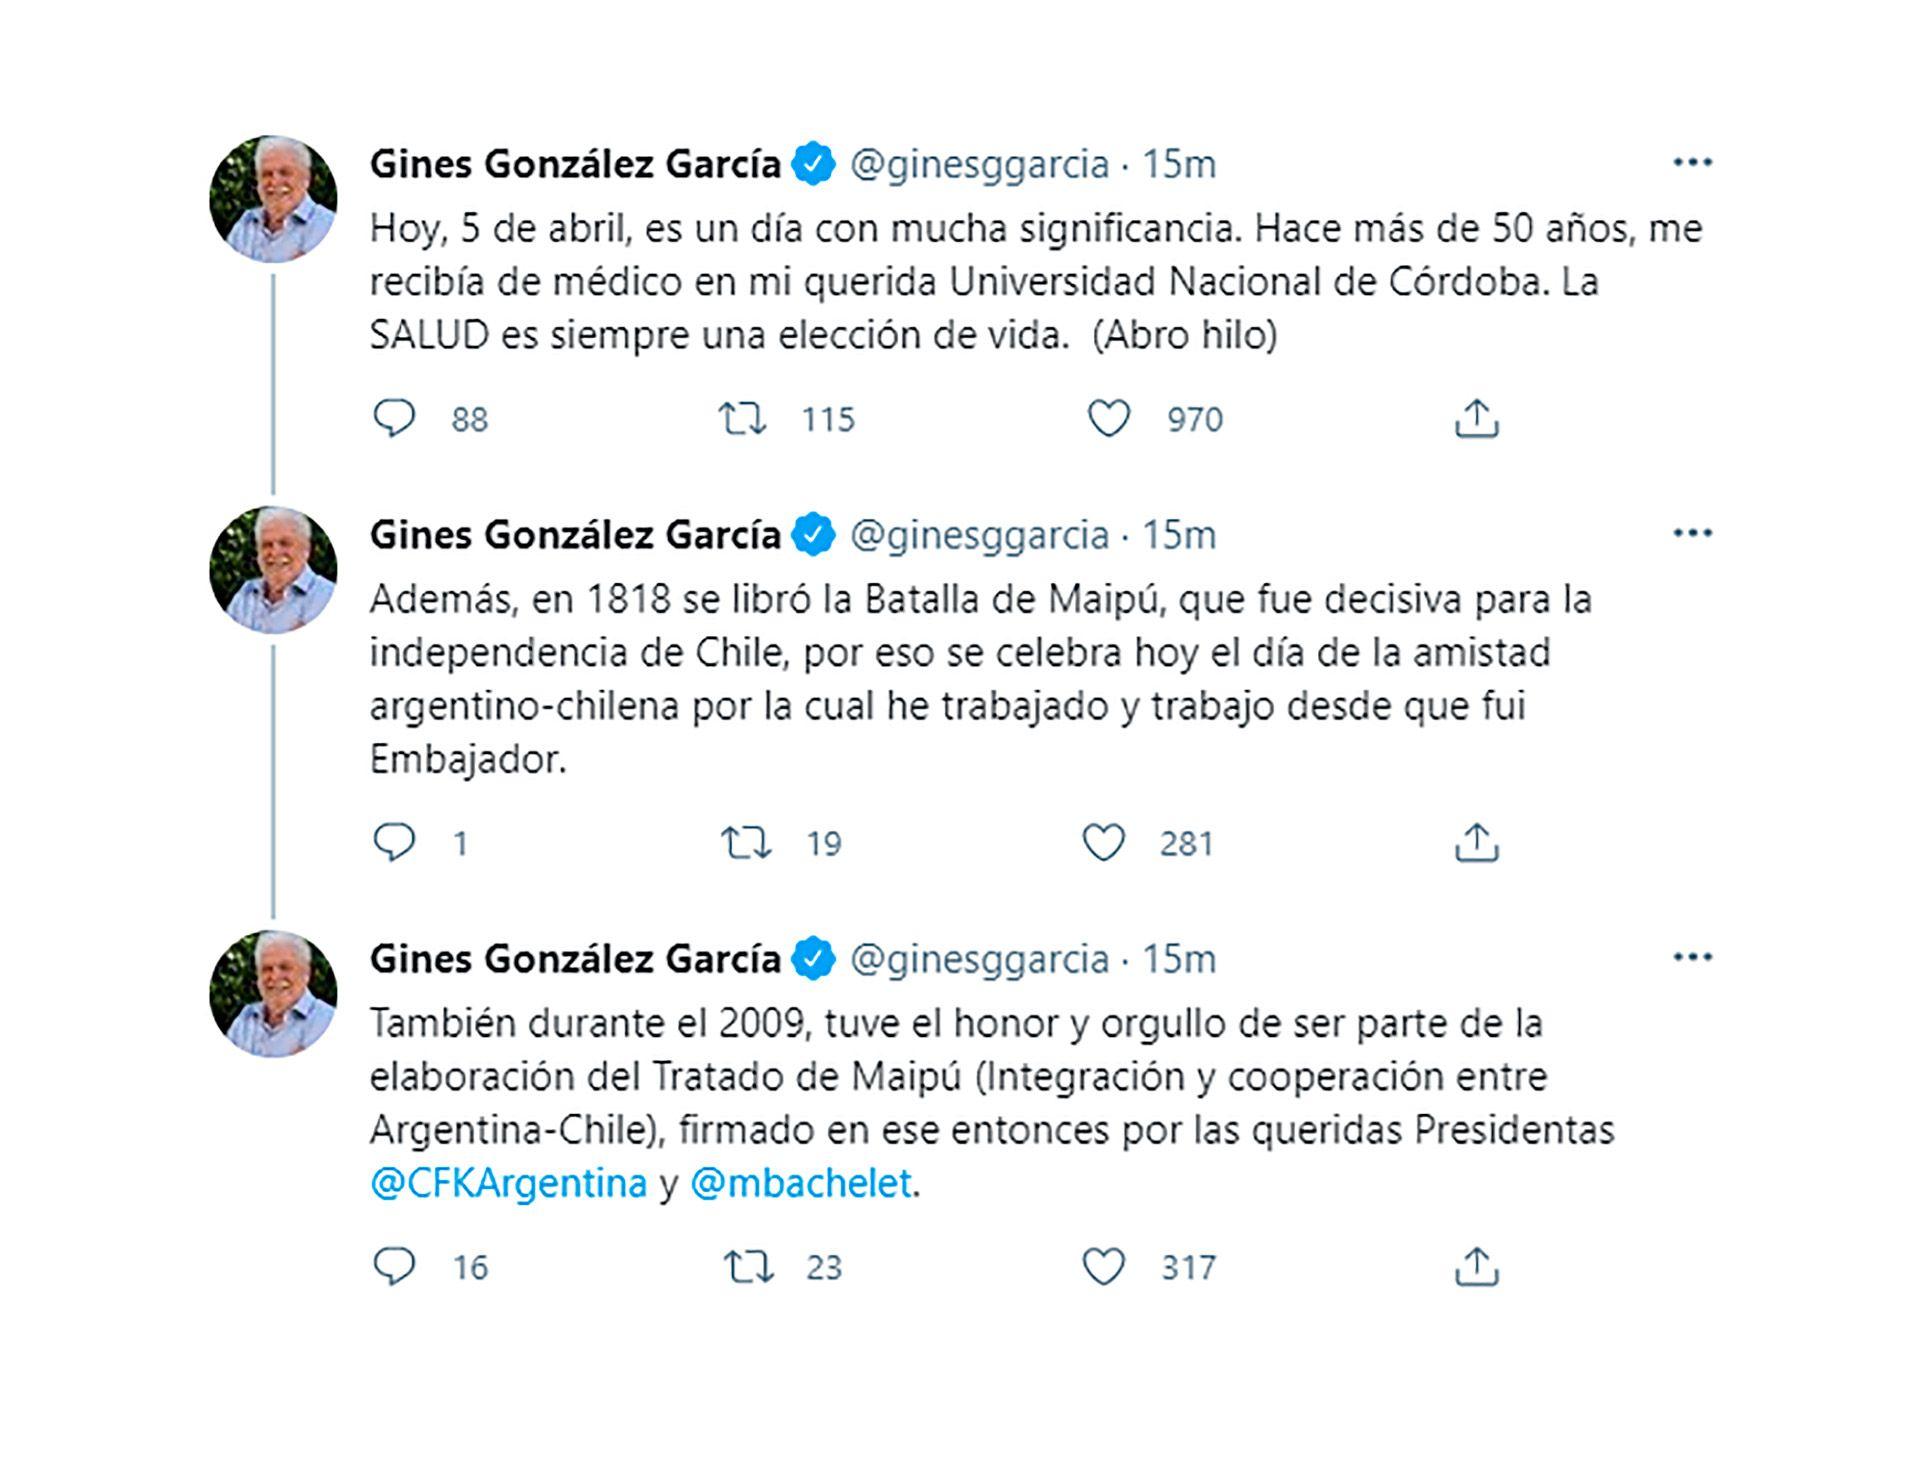 Ginés González García Cristina Kirchner